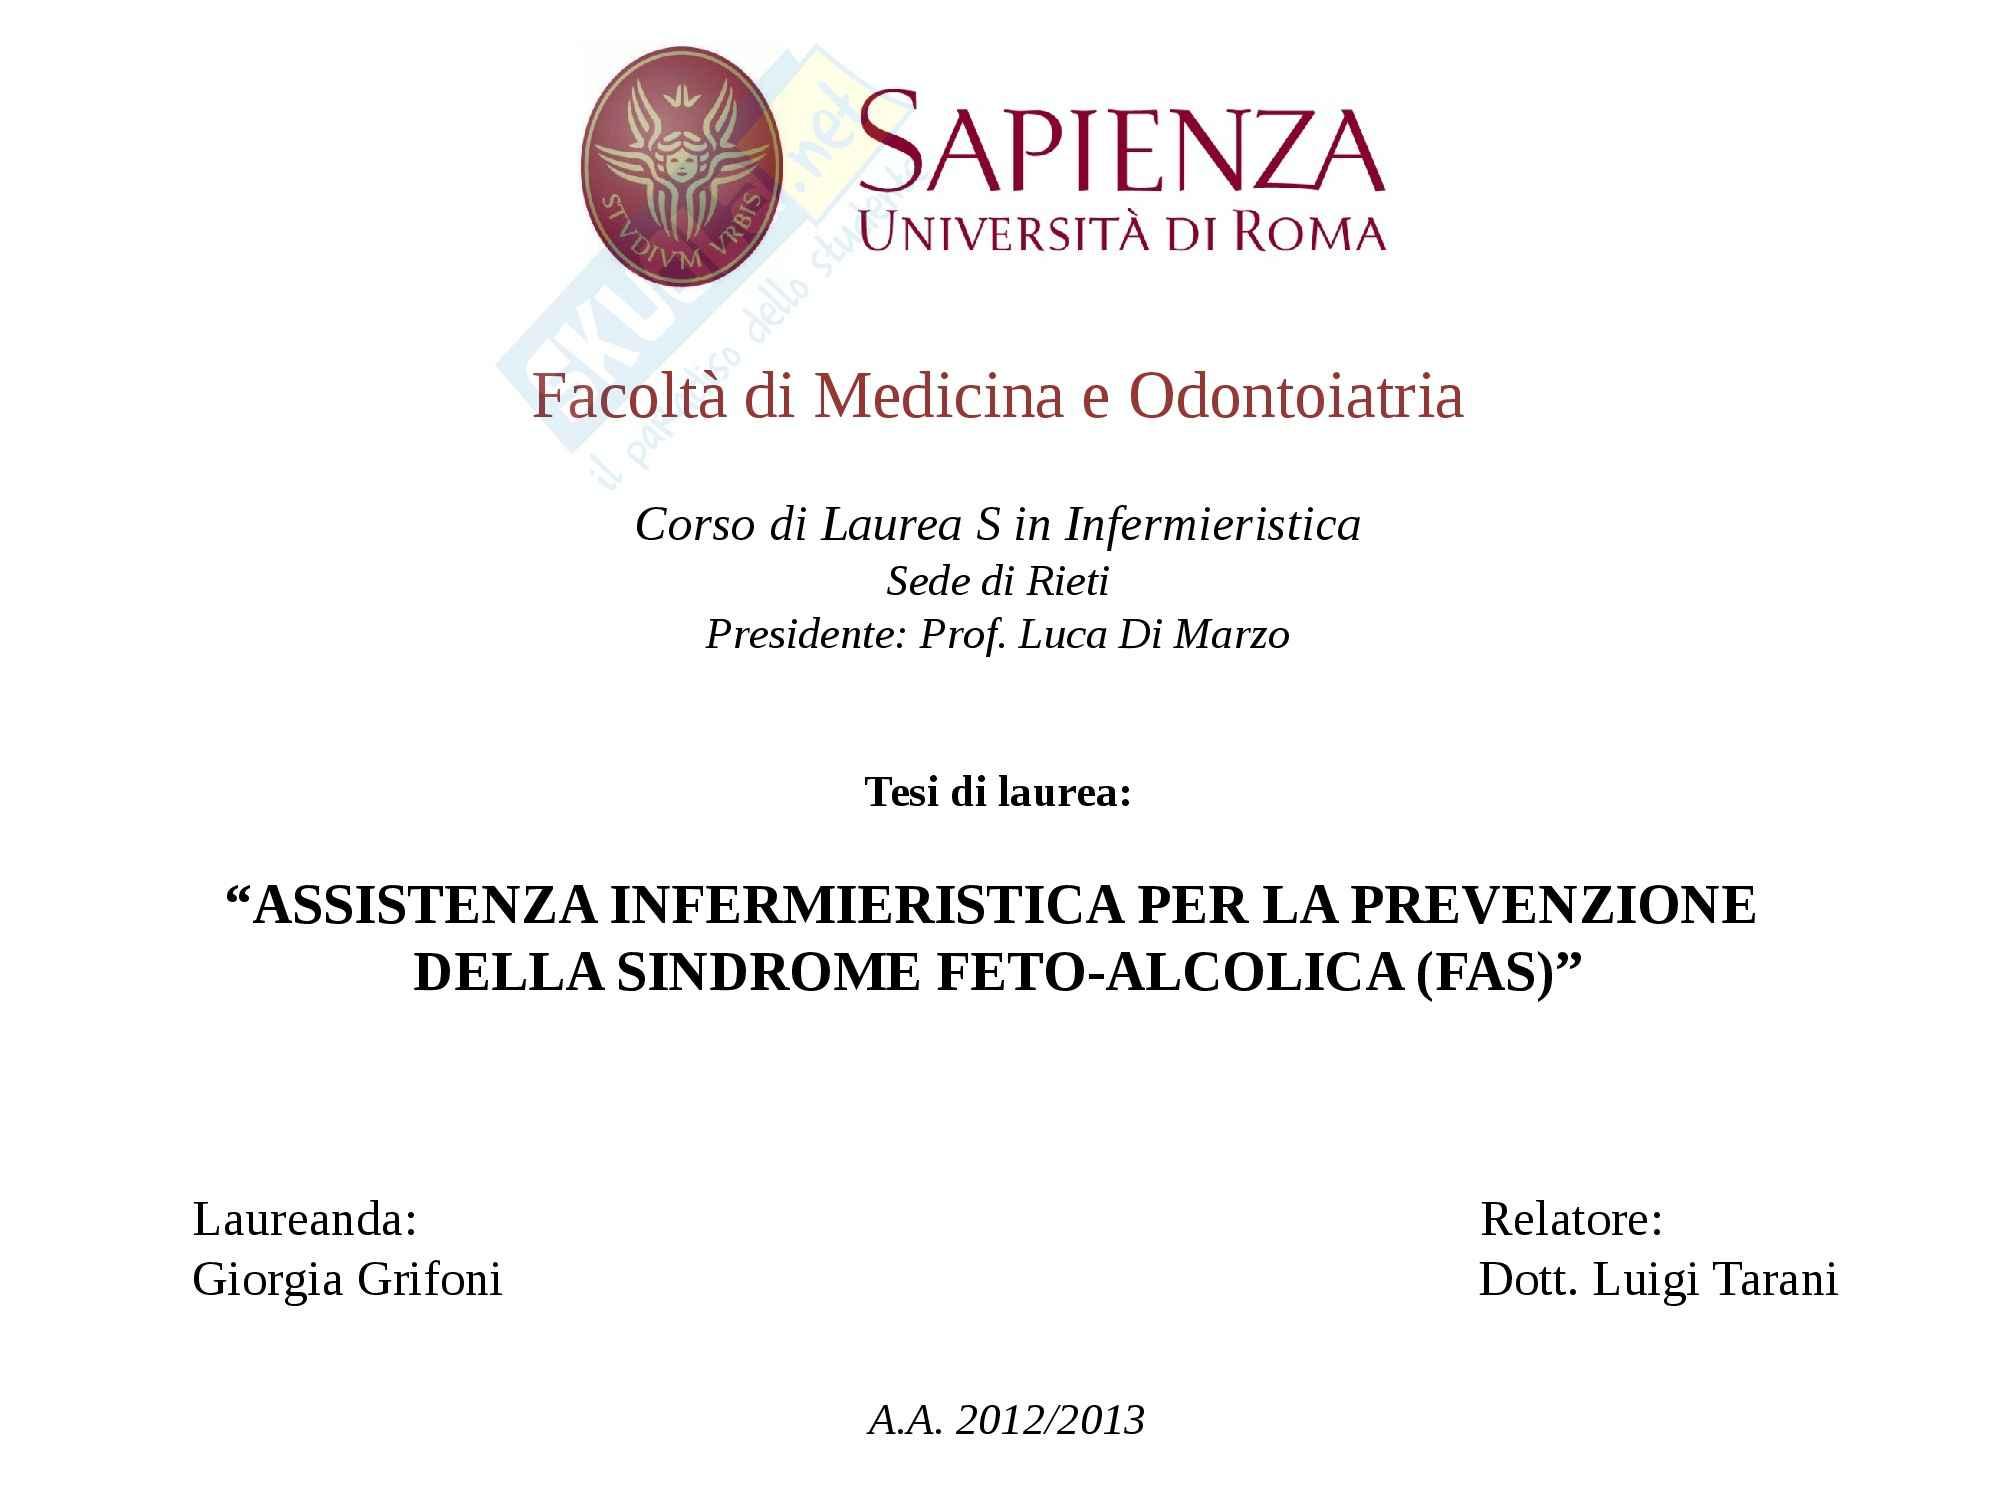 Assistenza Infermieristica per la prevenzione della Sindrome feto-alcolica, Pediatria